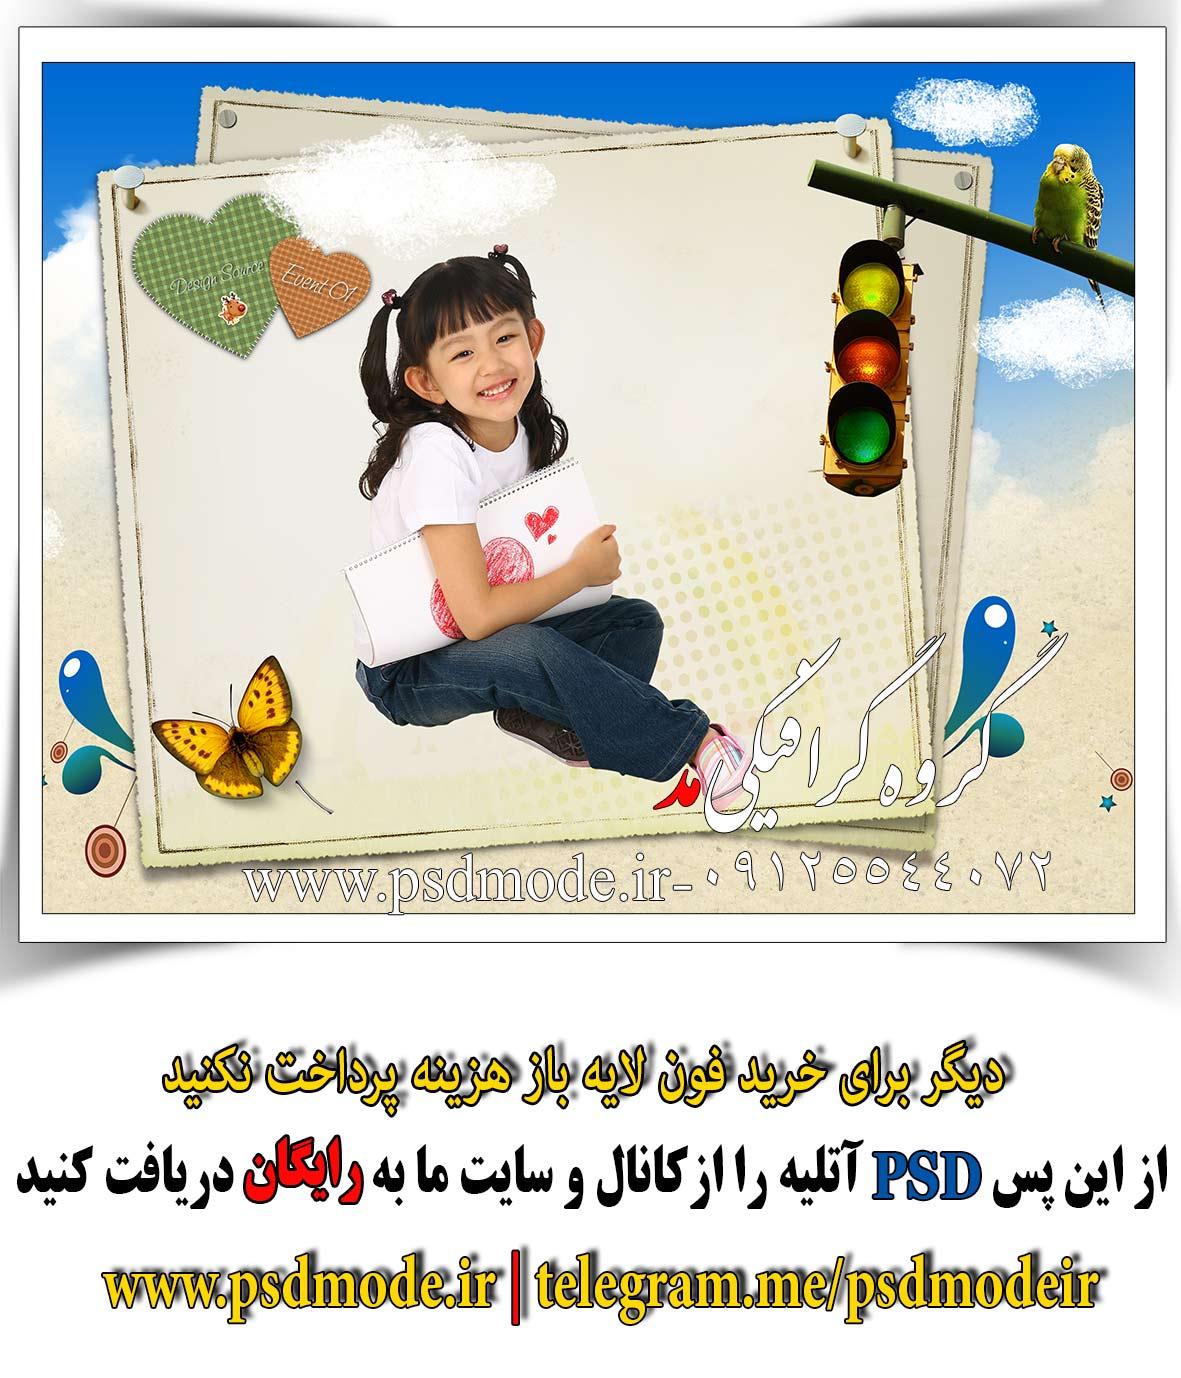 دانلود رایگان فون بک گراند آتلیه کودک